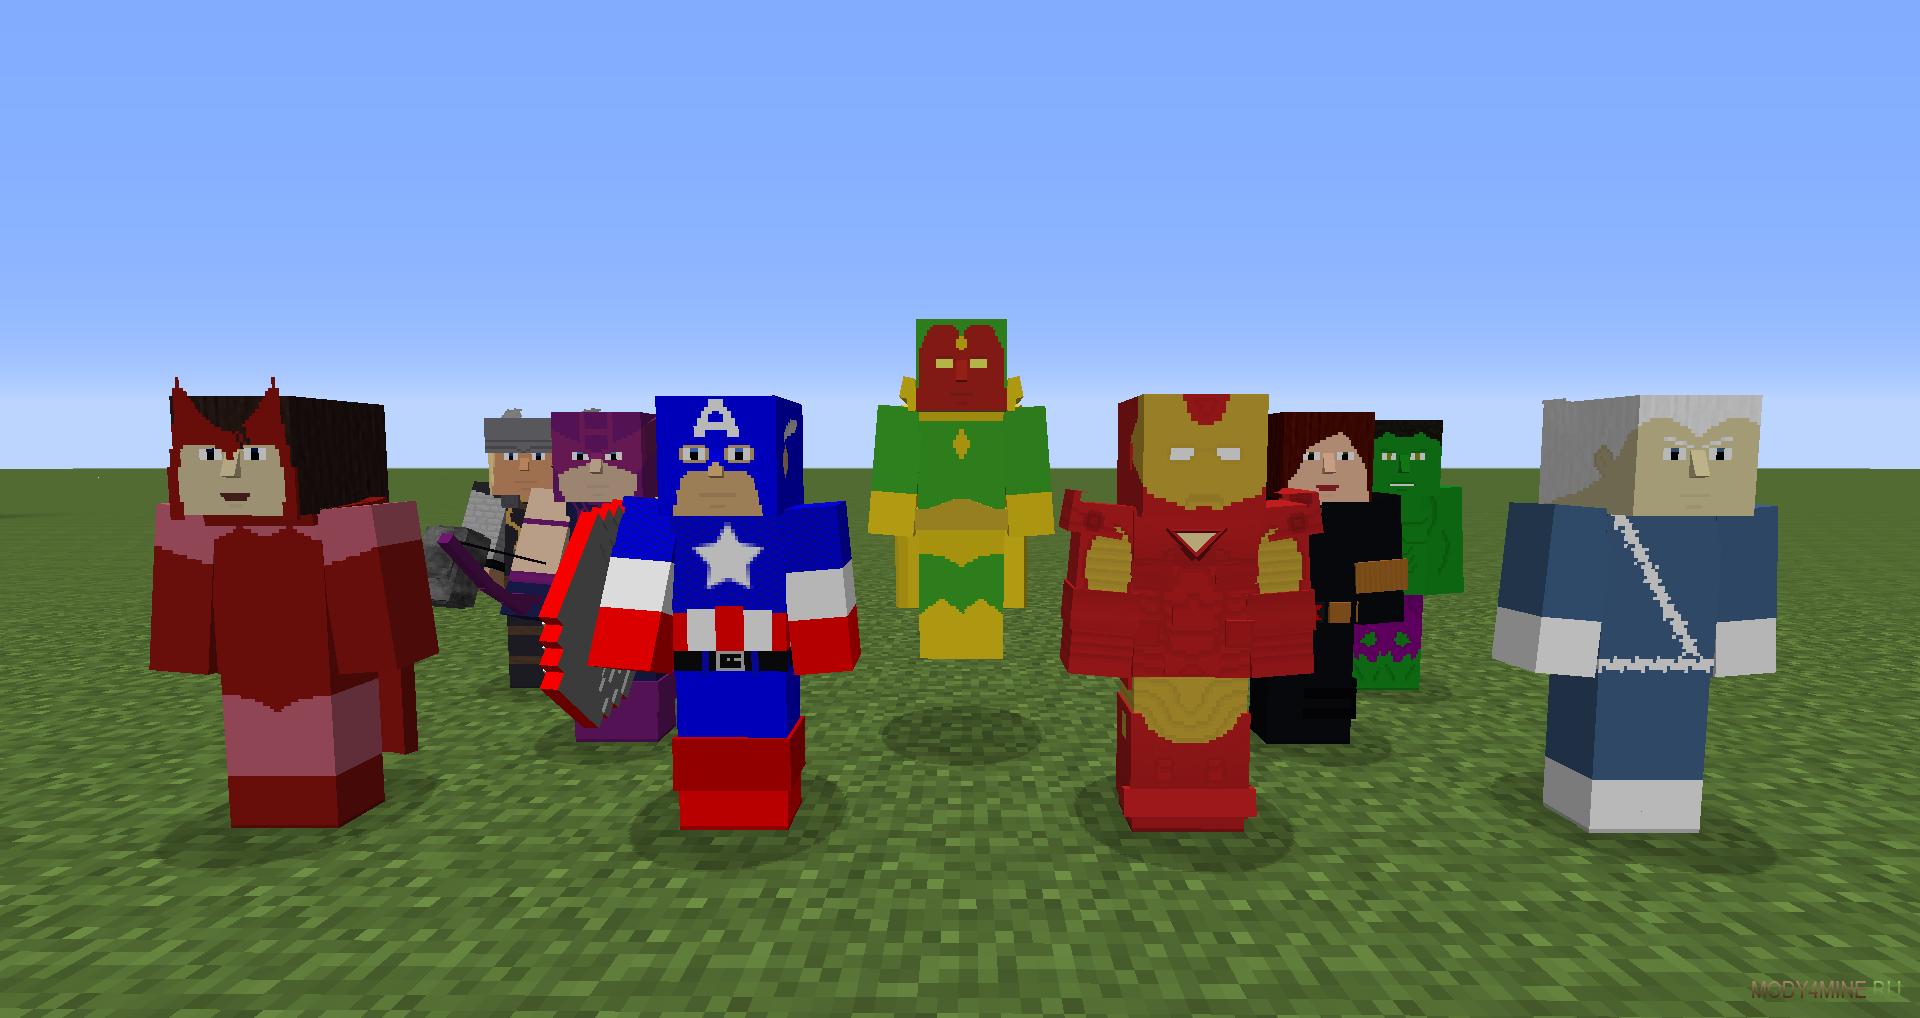 мод на суперзлодеев в майнкрафт 1.7.10 #1